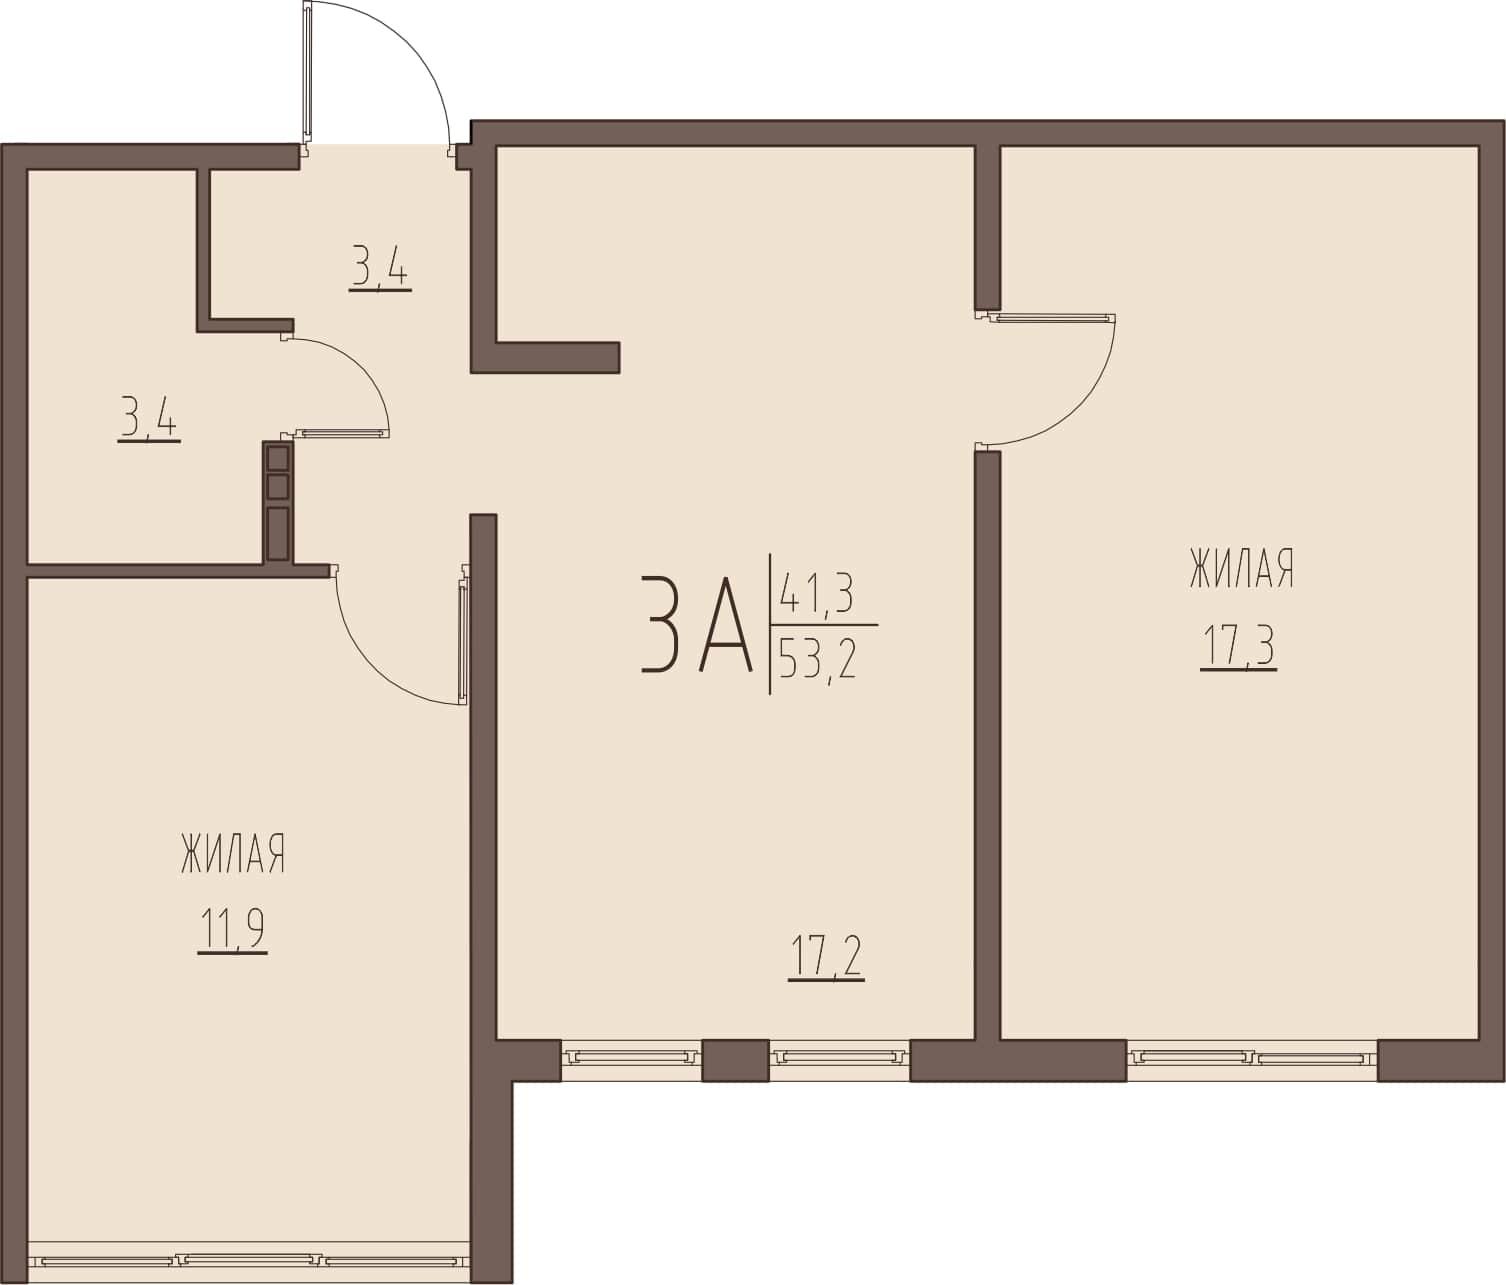 3-комнатная квартира 53,2 м² с проходной кухней-гостиной